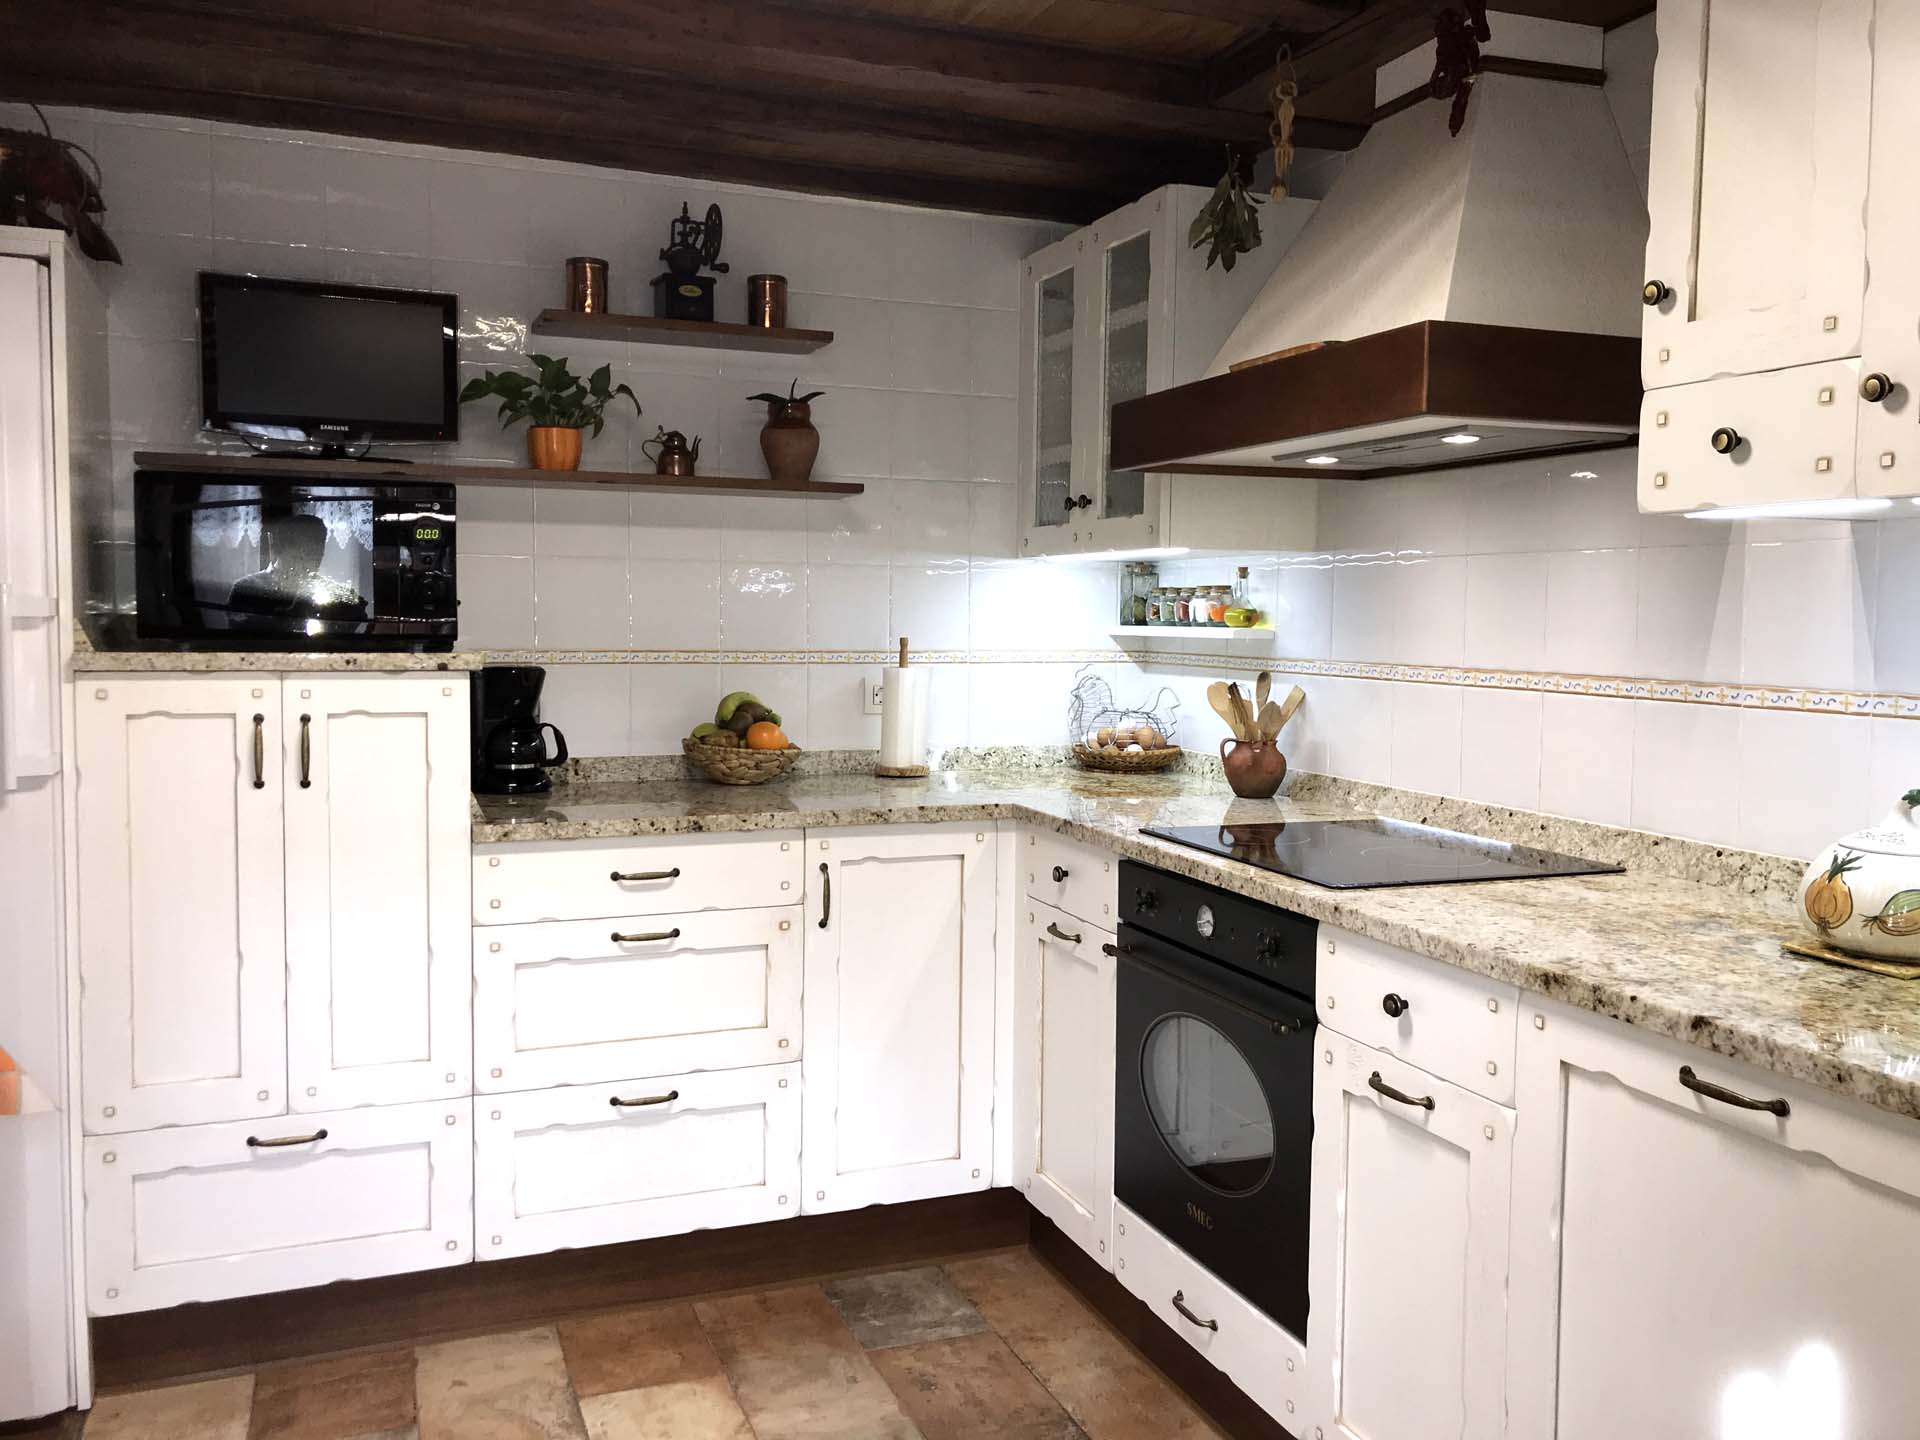 Cocina en madera de roble modelo castilla arnit for Modelos de cocinas de madera